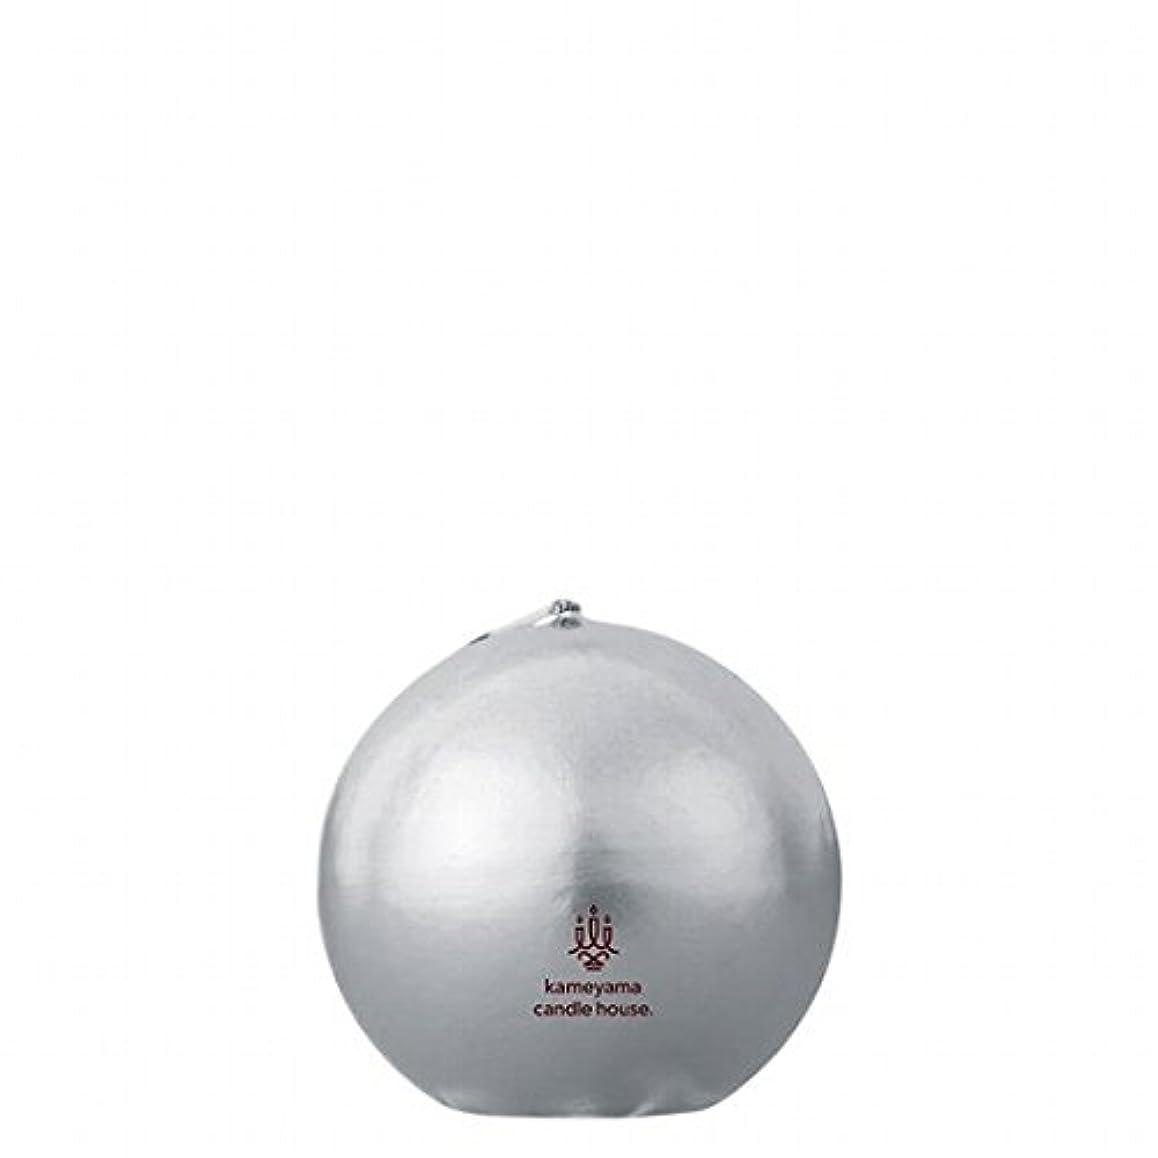 故障中とんでもない宿命カメヤマキャンドル(kameyama candle) メタリックボール60 「 シルバー 」